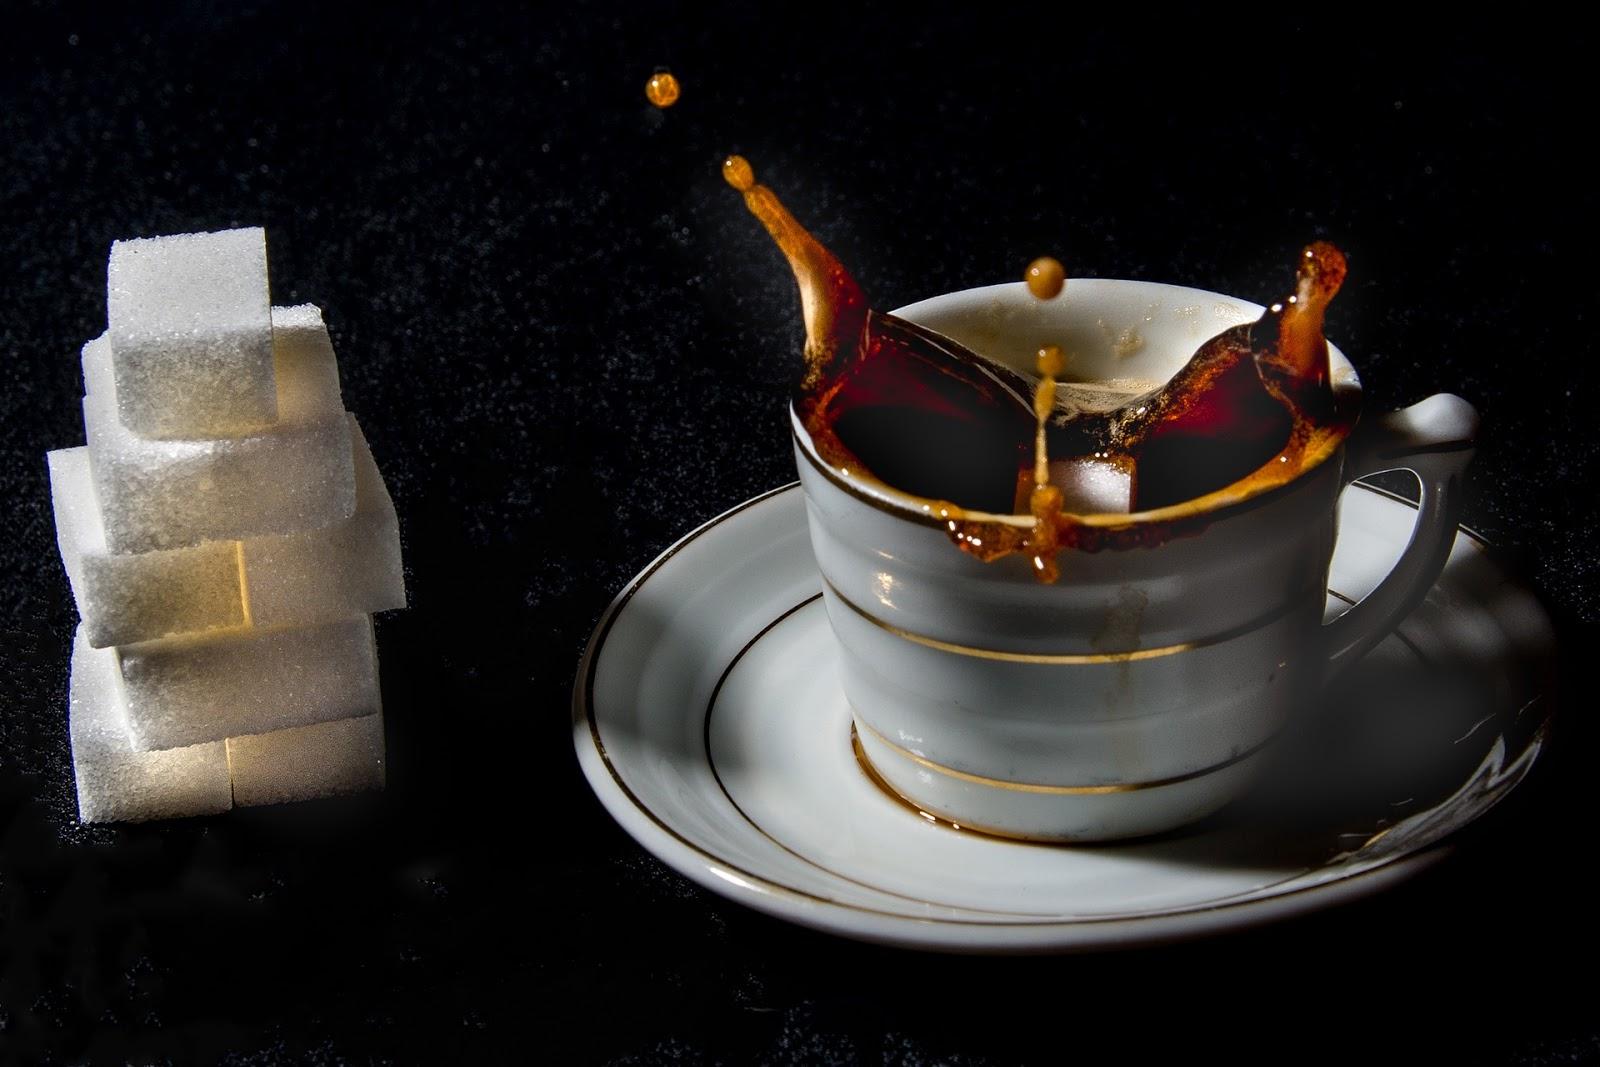 deb15803aa62 Mnohí z vás si určite svoj deň nevedia predstaviť bez šálky kávy. Podobne  sme na tom aj u nás doma. S manželkou kávu najčastejšie pijeme práve kvôli  jej ...